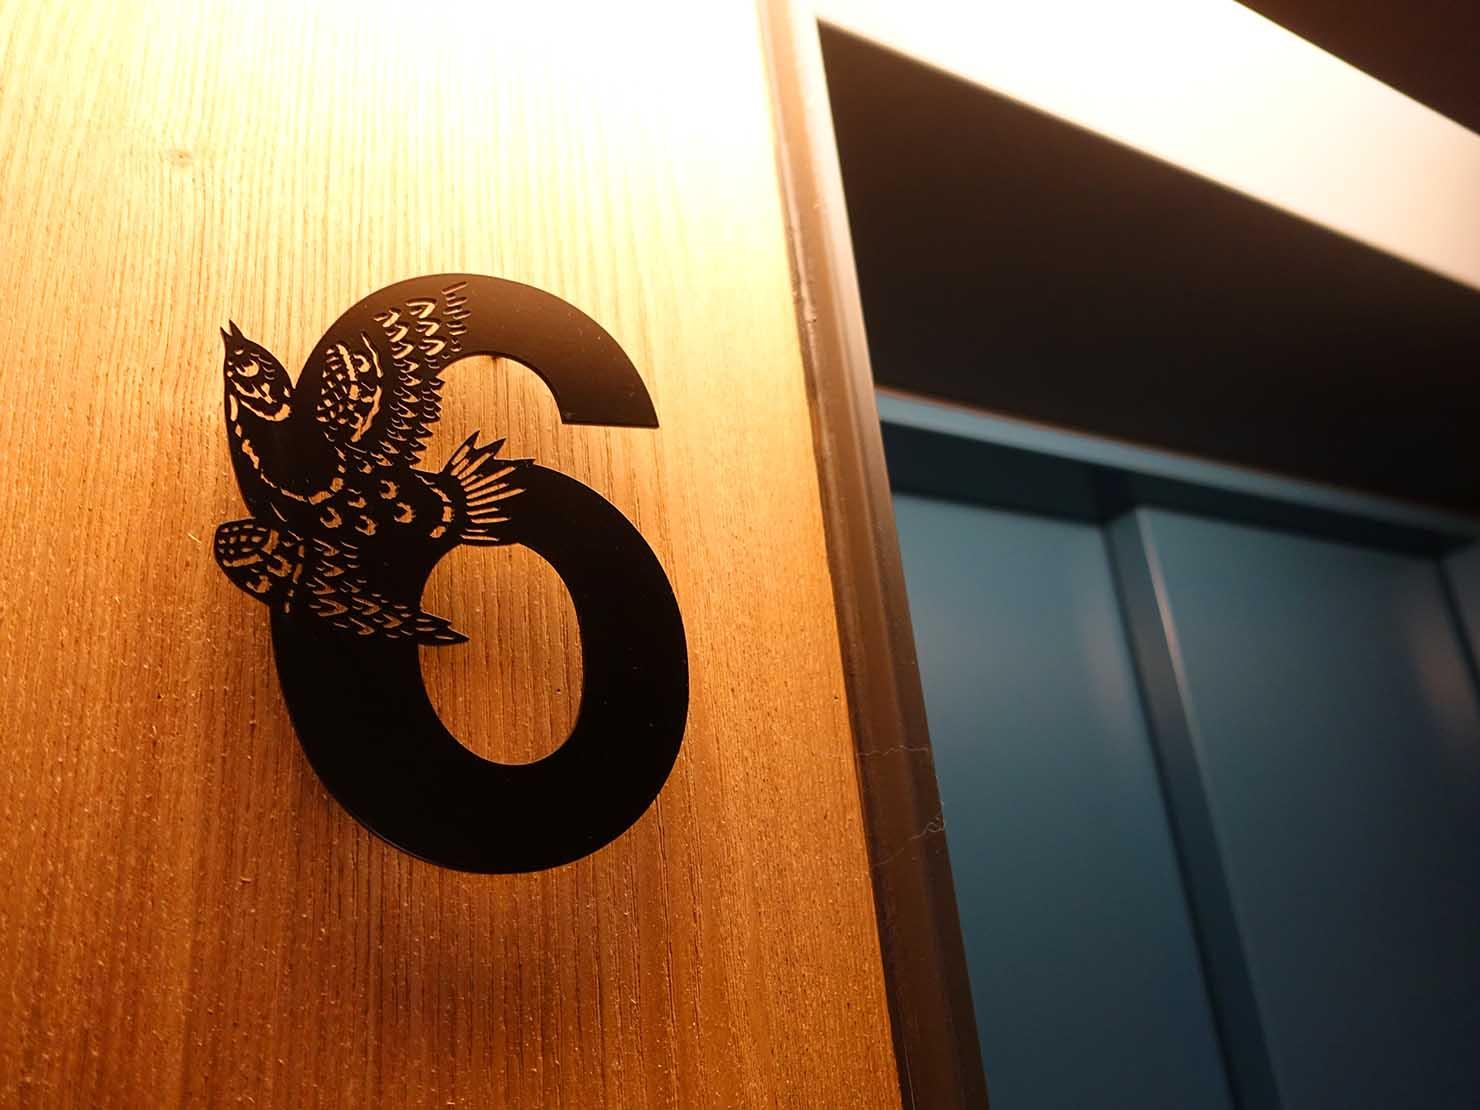 台中駅前のおすすめデザインホテル「紅點文旅 RedDot Hotel」宿泊エリアのエレベーターホール